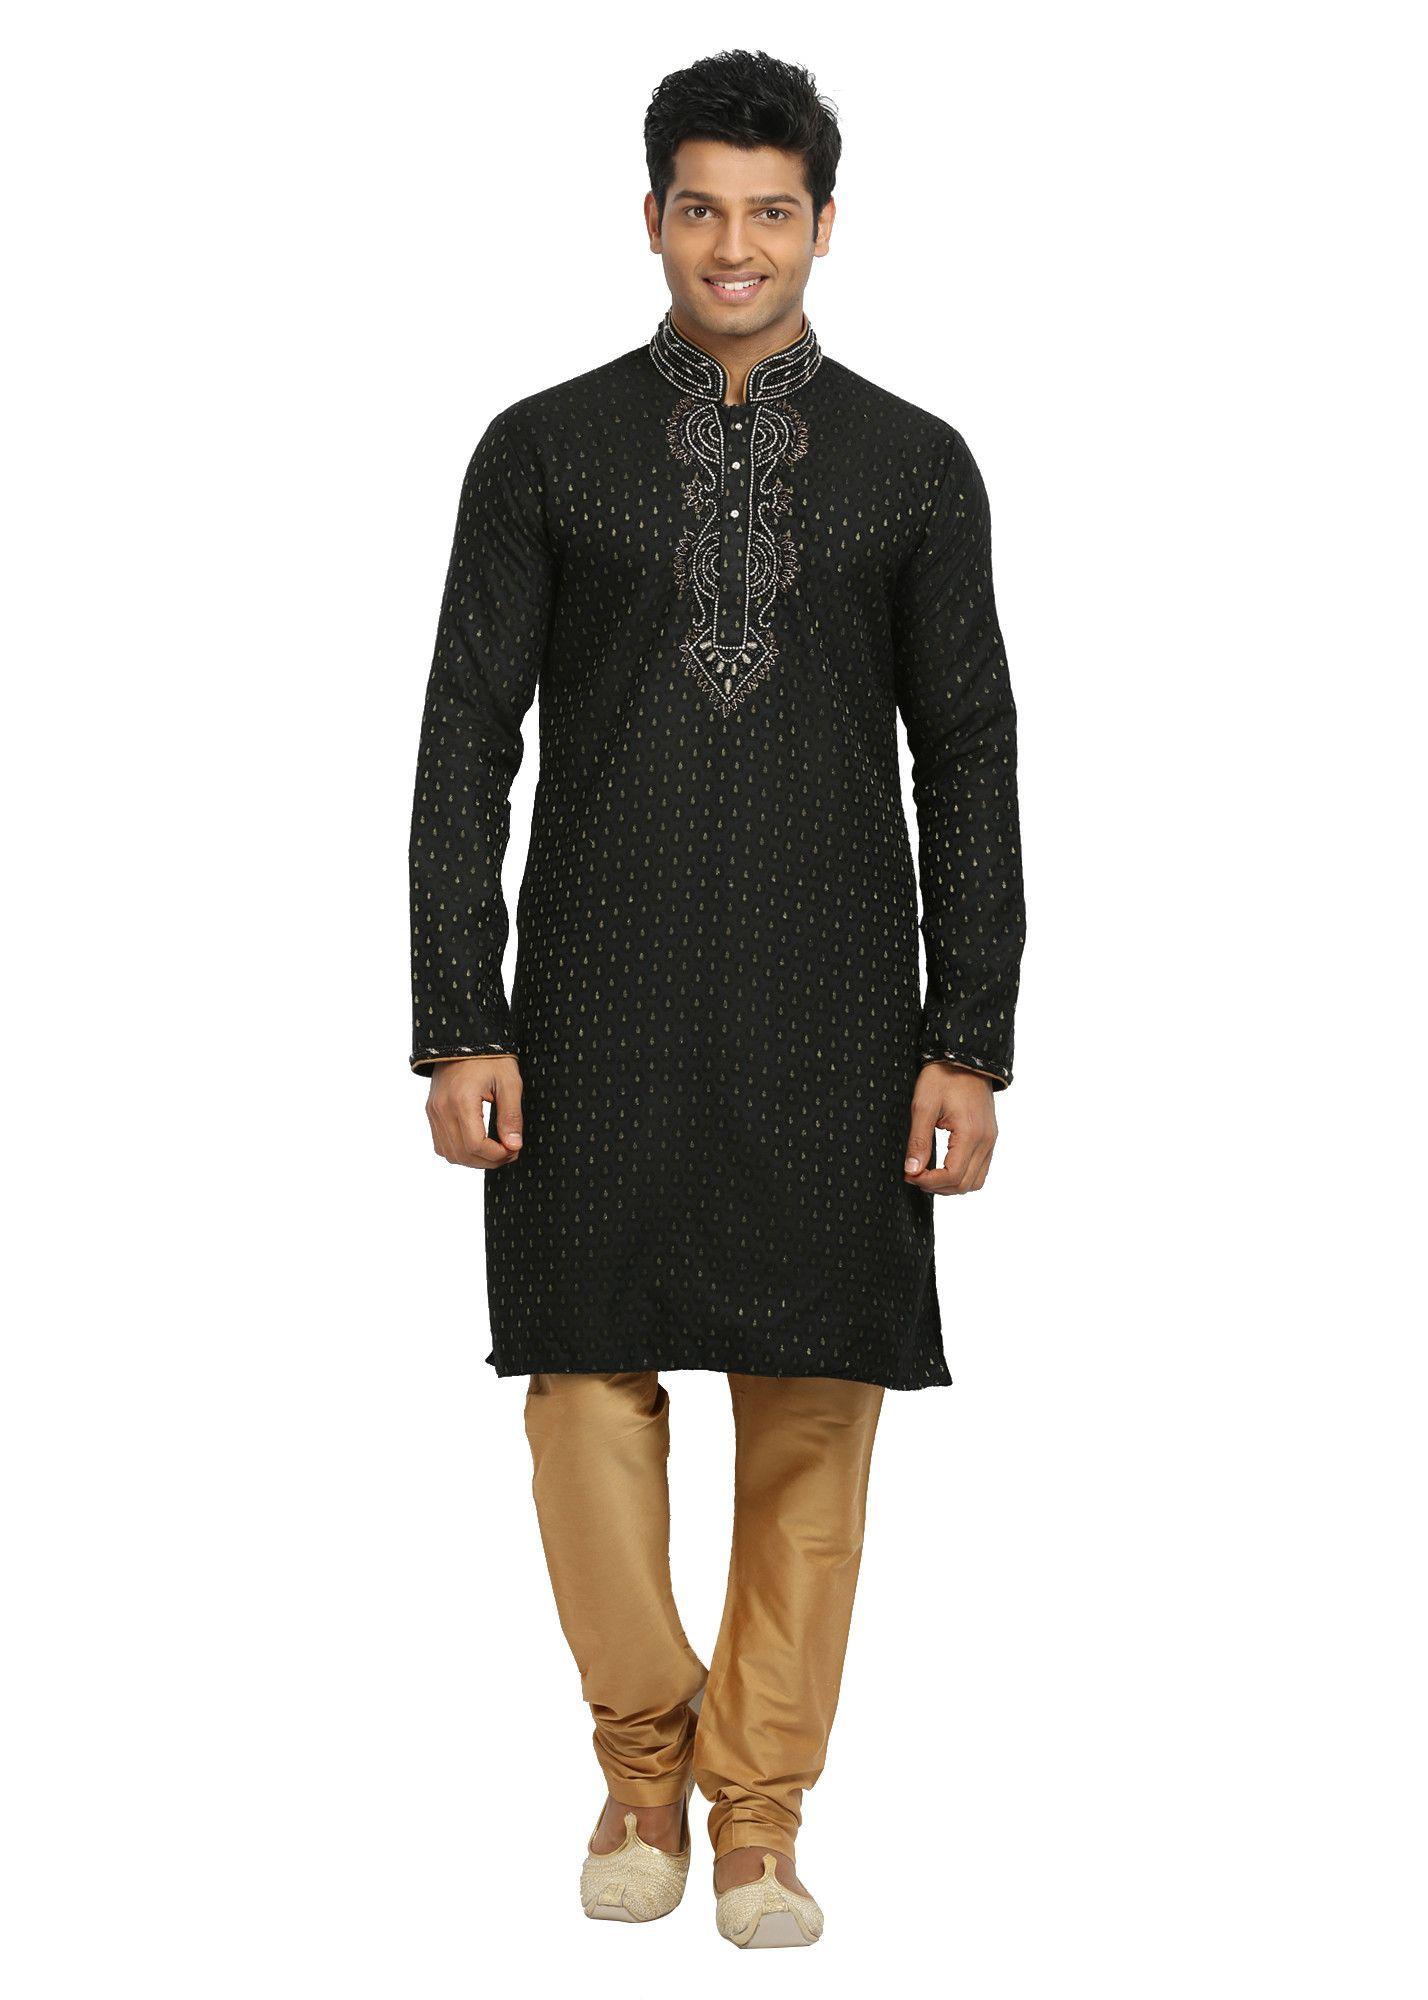 d507a8bddf Black Indian Wedding Kurta Pajama Sherwani Multiple Sizes (Rent ...